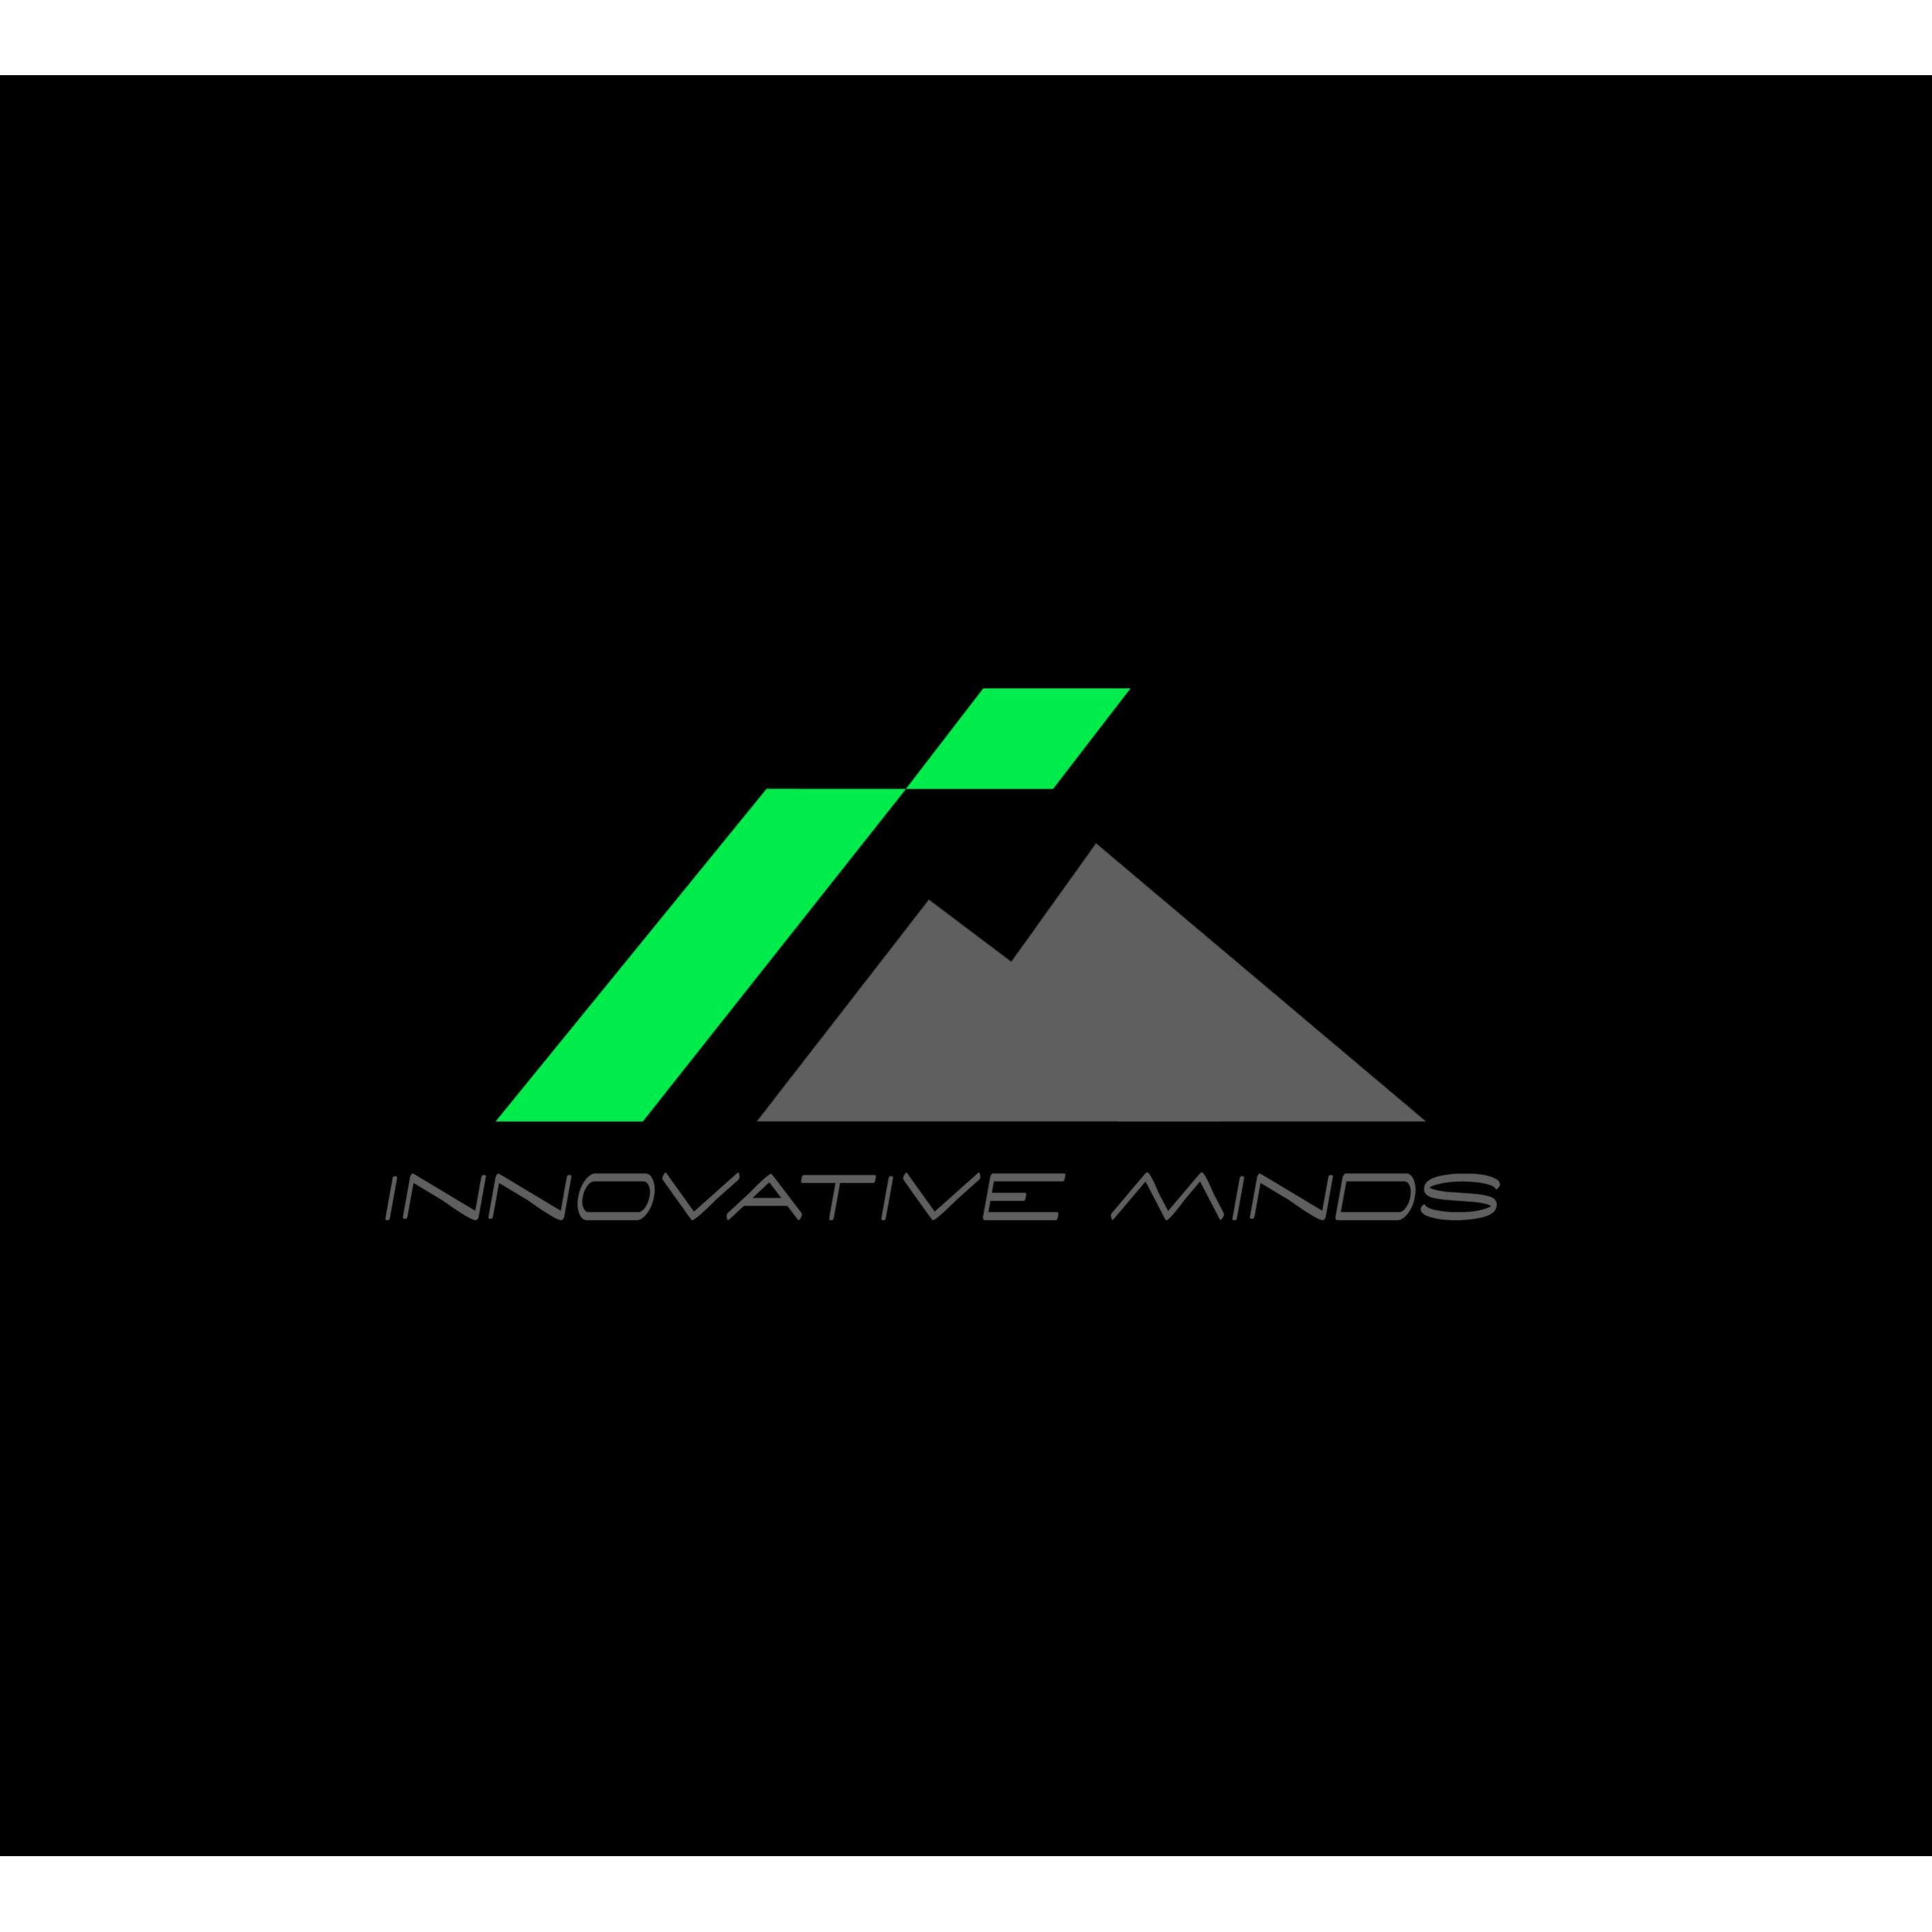 Innovative Minds image 5